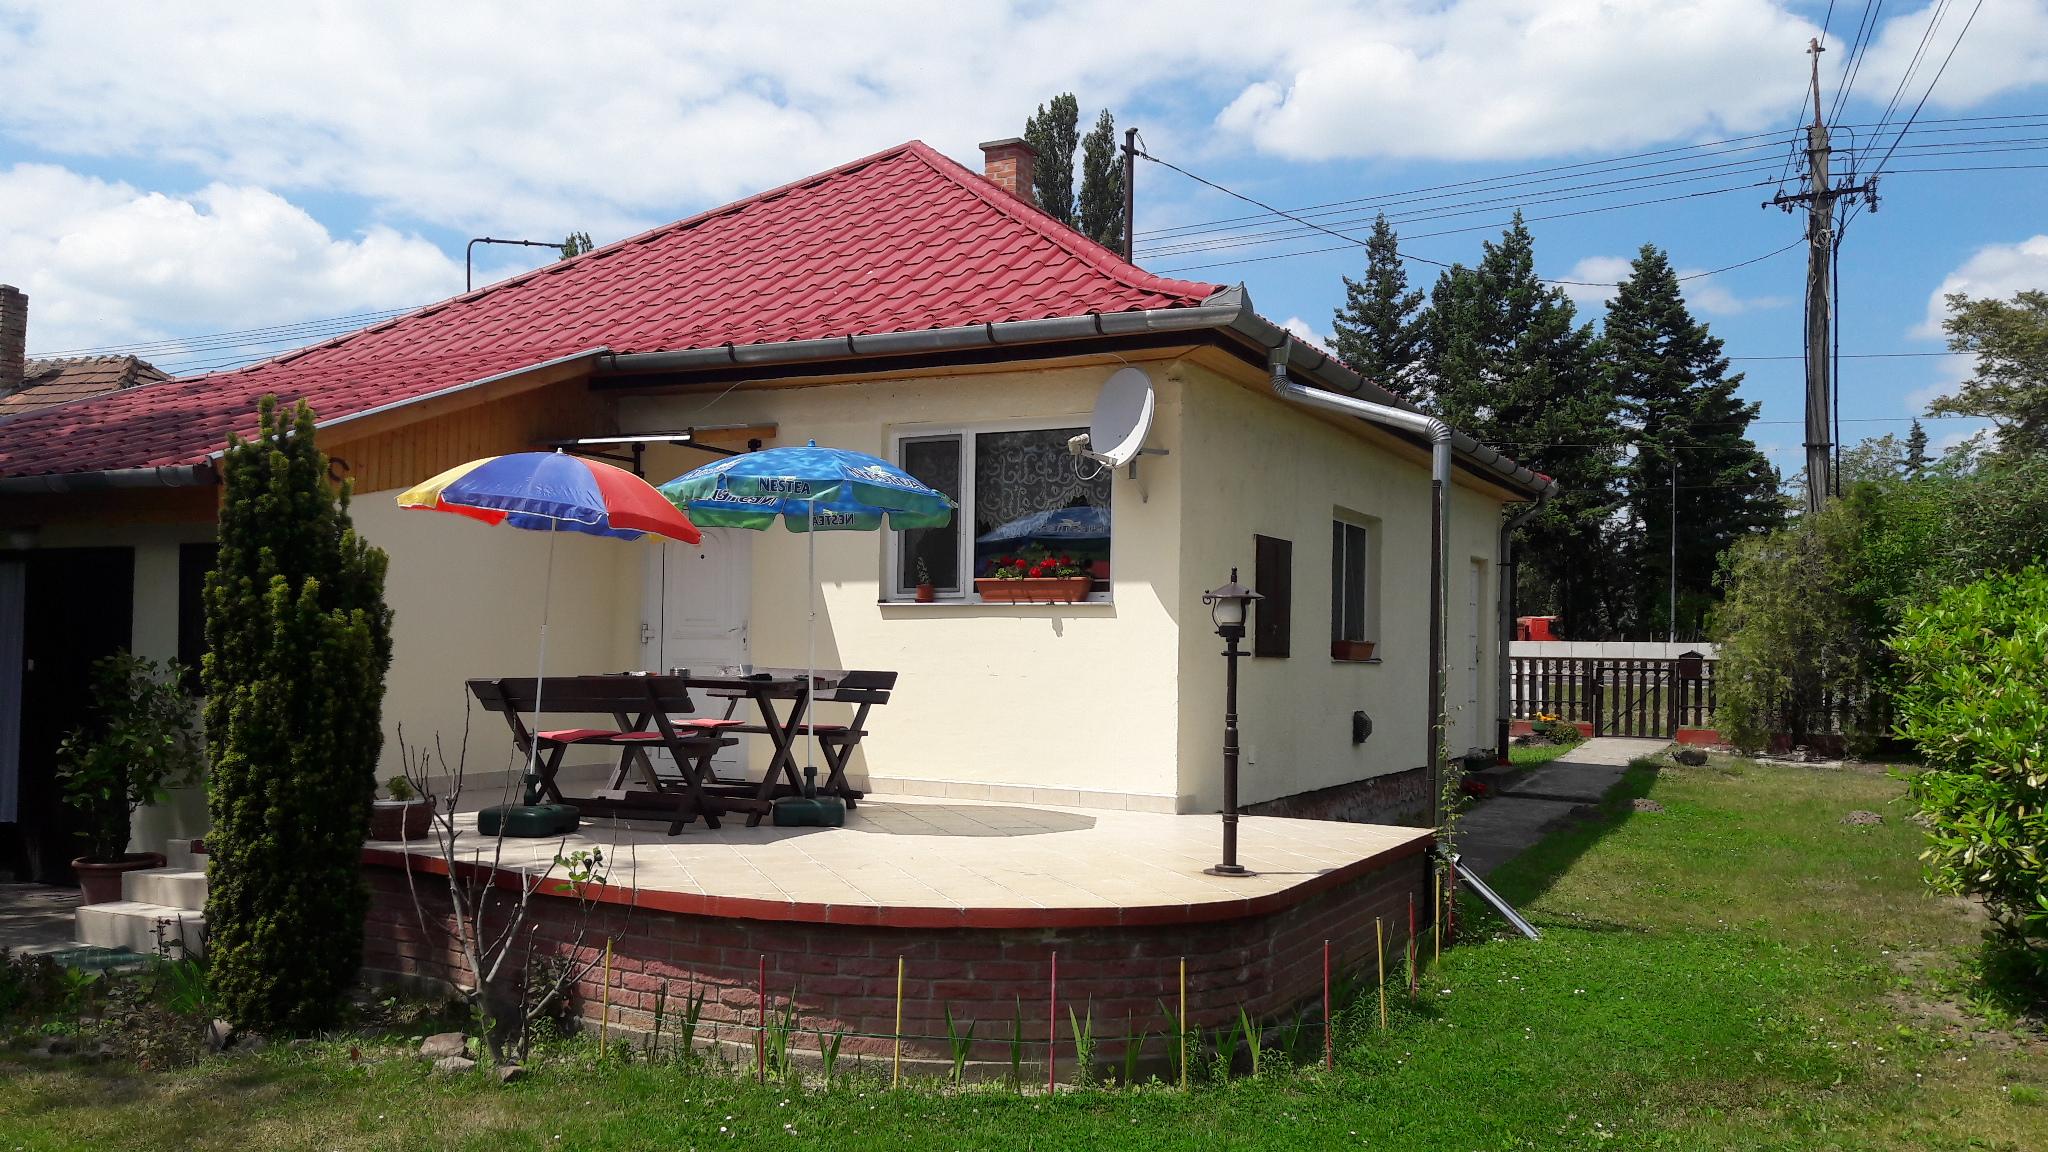 OBJEKT 108  Ferienhaus mit Wlan,Waschmaschine nur 150m vom See für 4 Personen